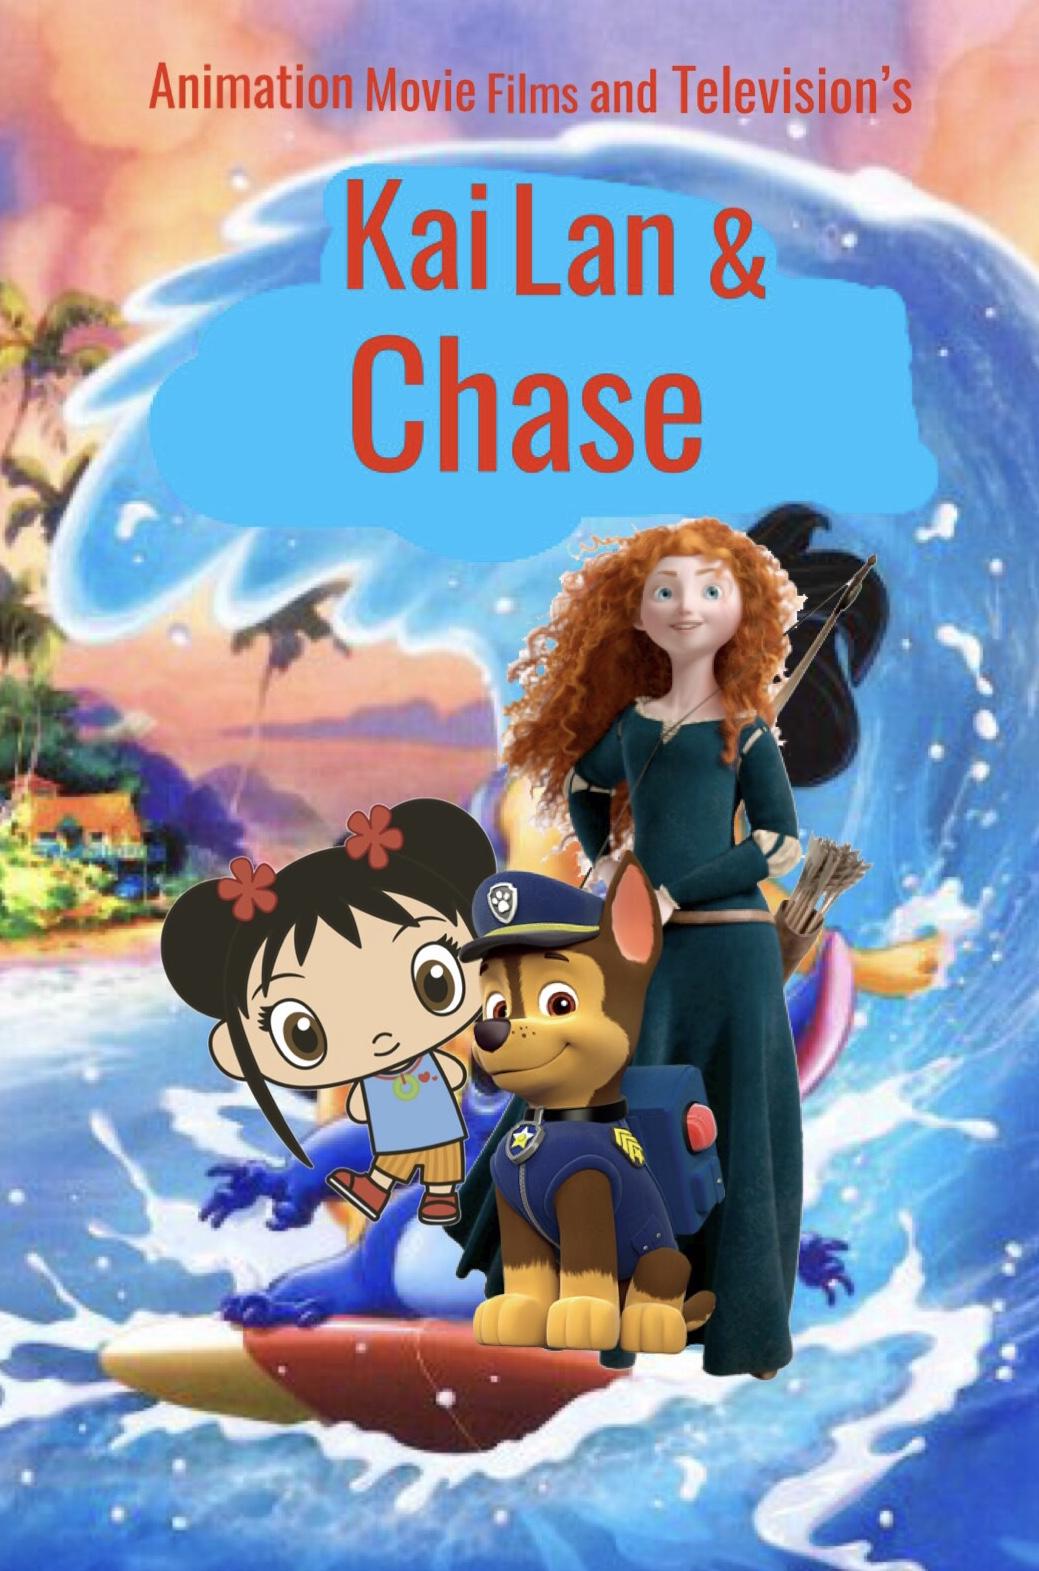 Kai Lan & Chase